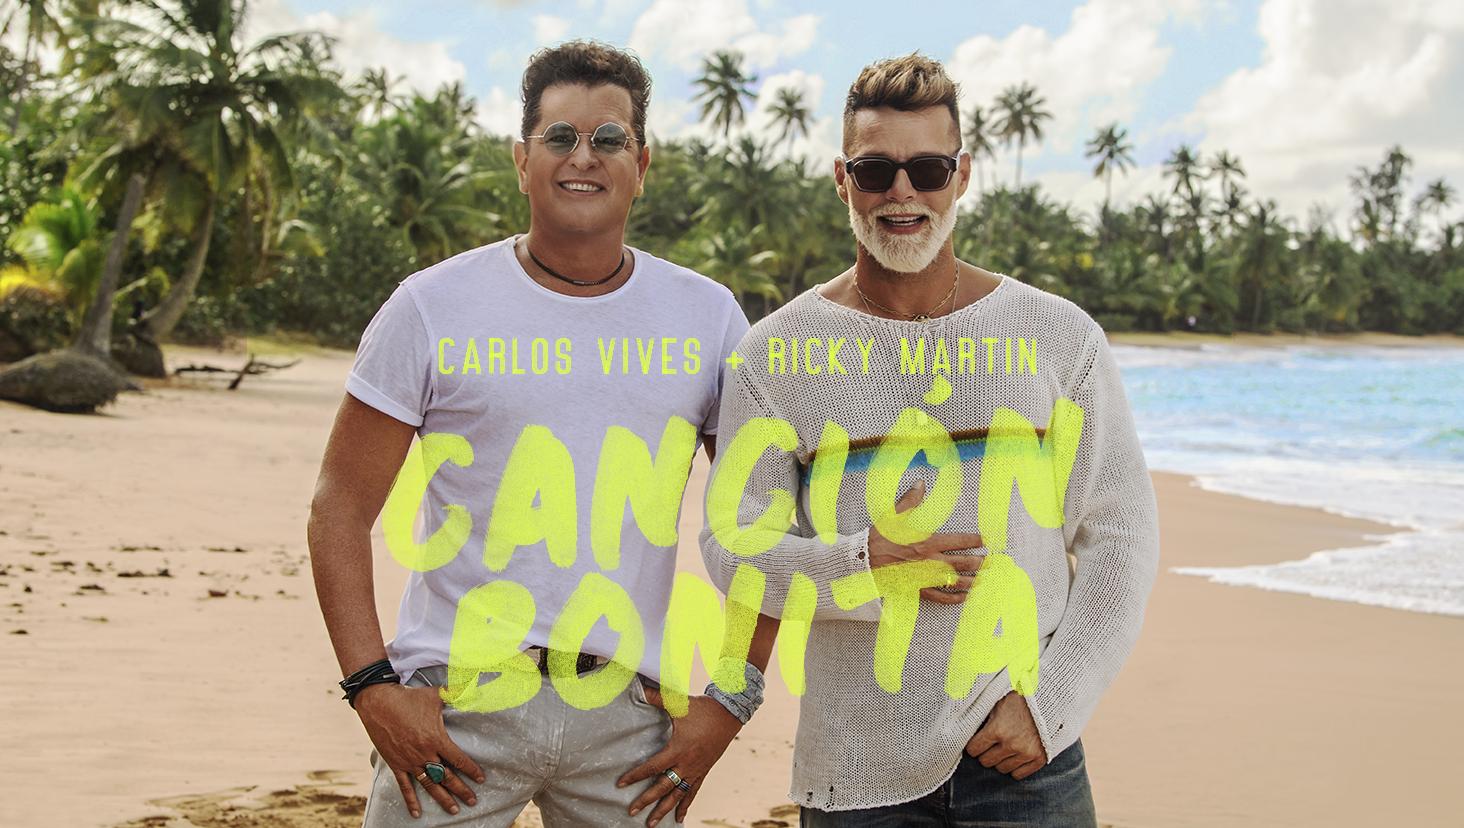 Canción Bonita ft Ricky Martin